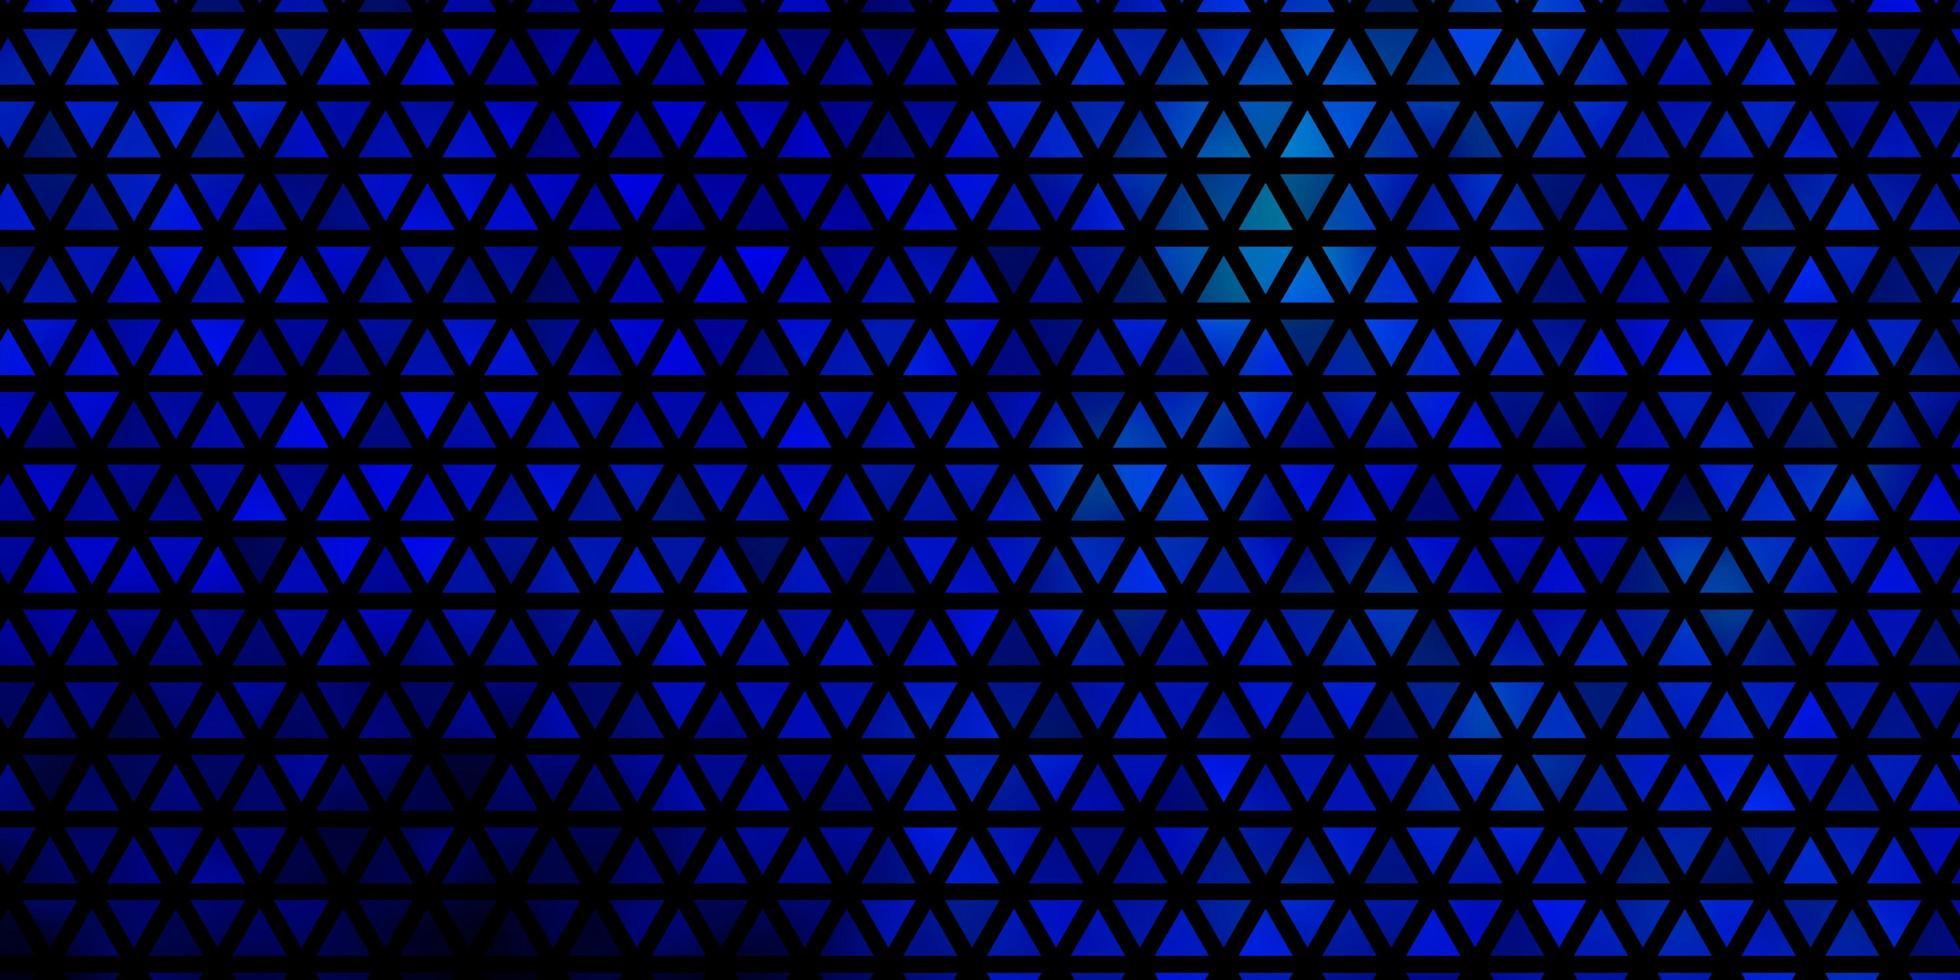 mörkblå vektormall med kristaller, trianglar. vektor